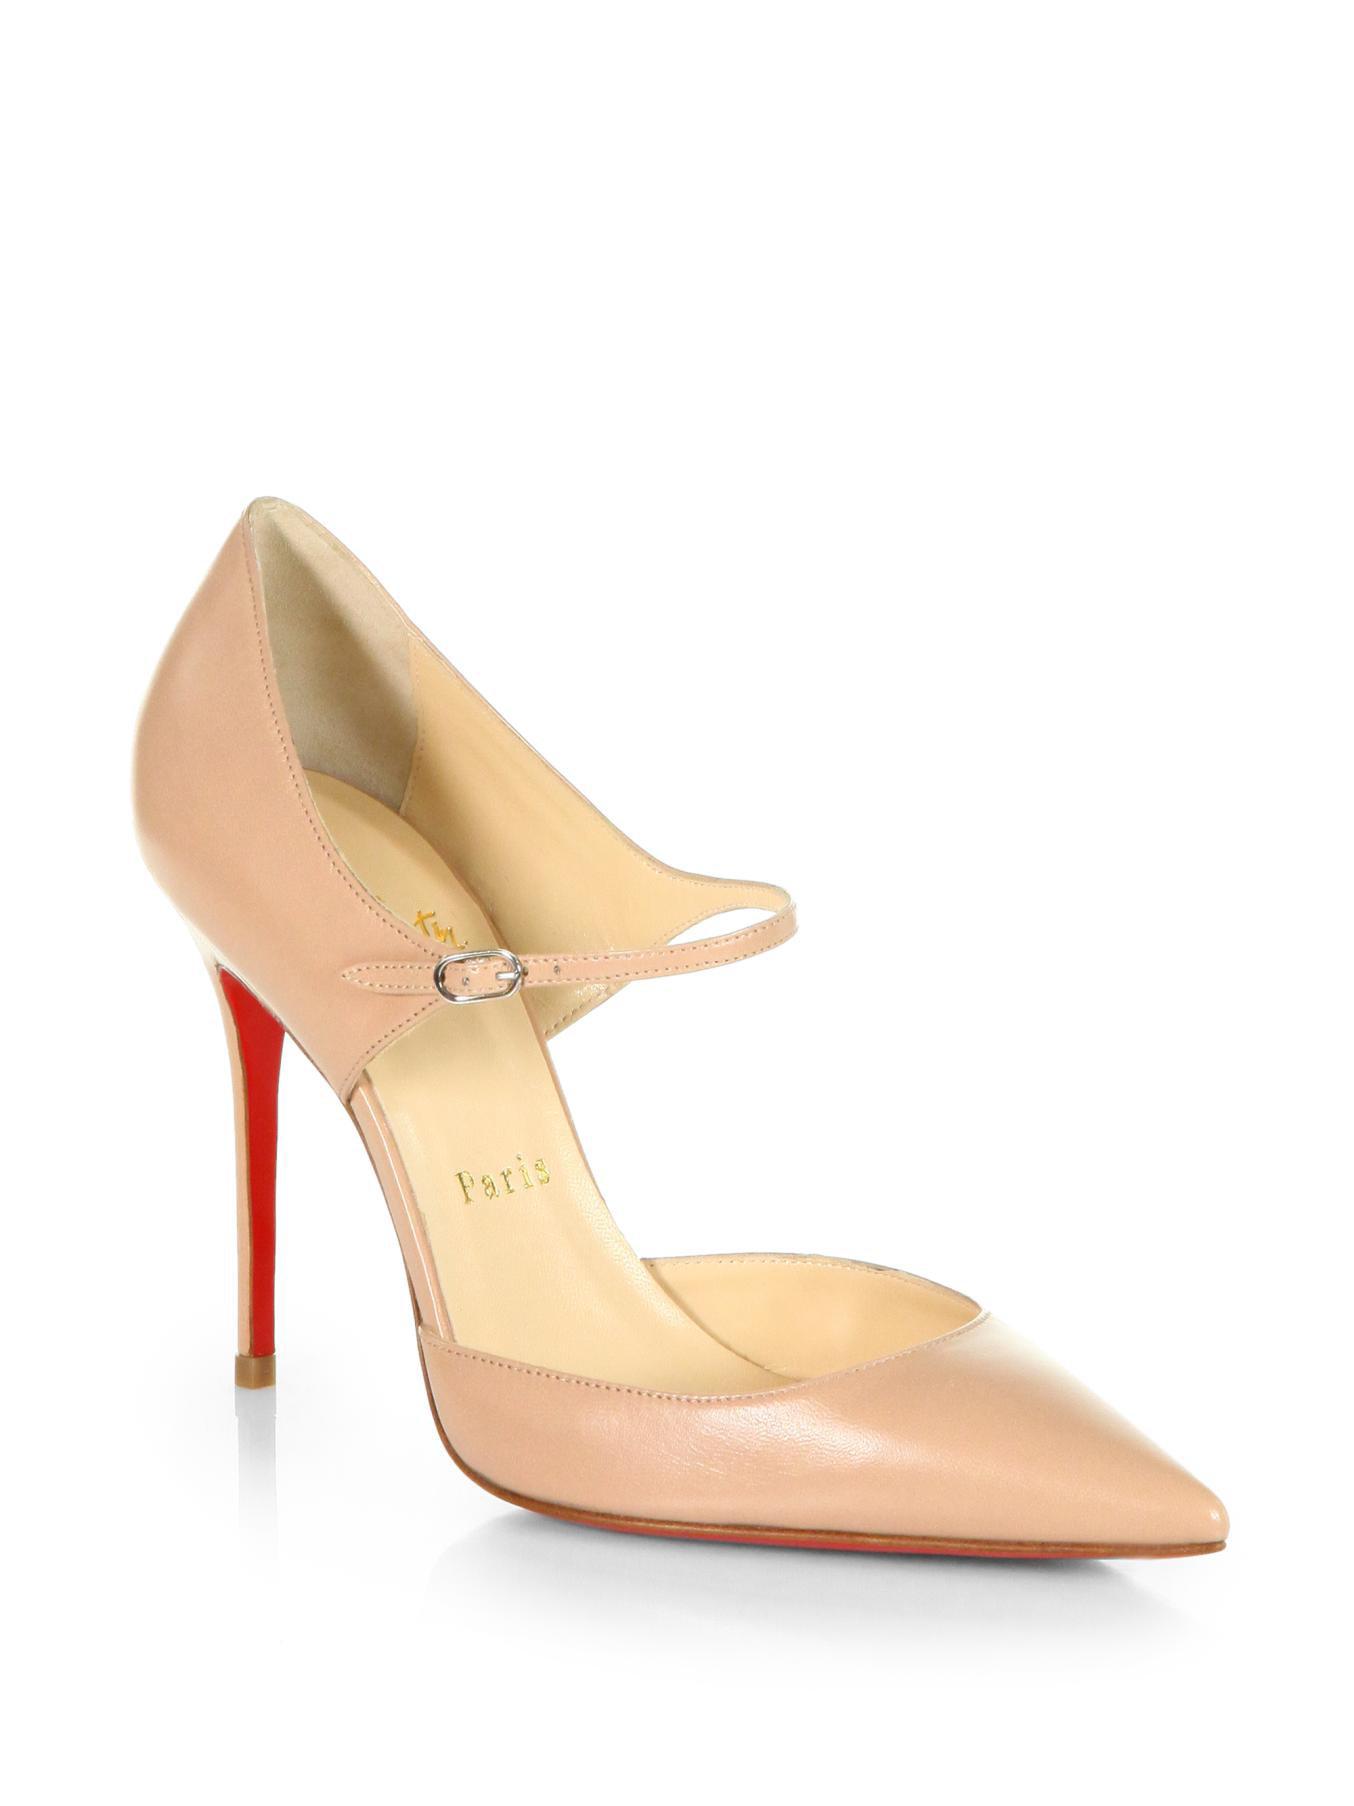 Shoeniverse Christian Louboutin Tirana Leather Mary Jane Pumps